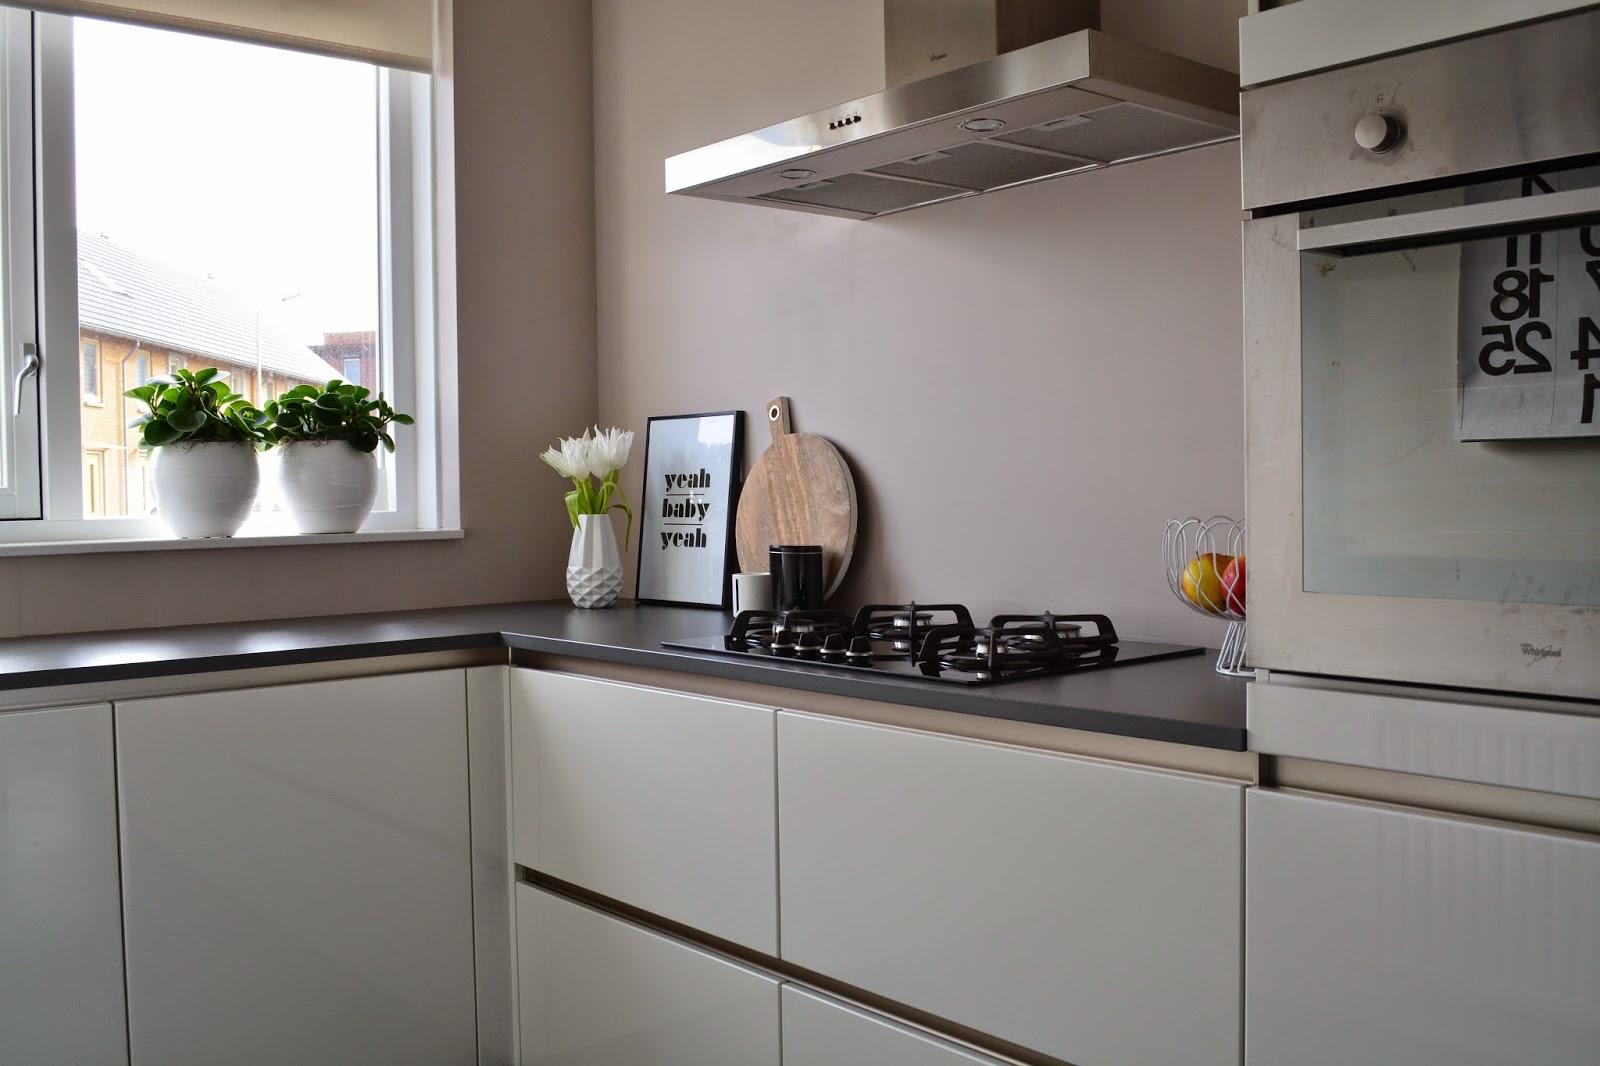 Saved with style interieur een kijkje in ons huis 1 keuken - Kleur witte keuken ...